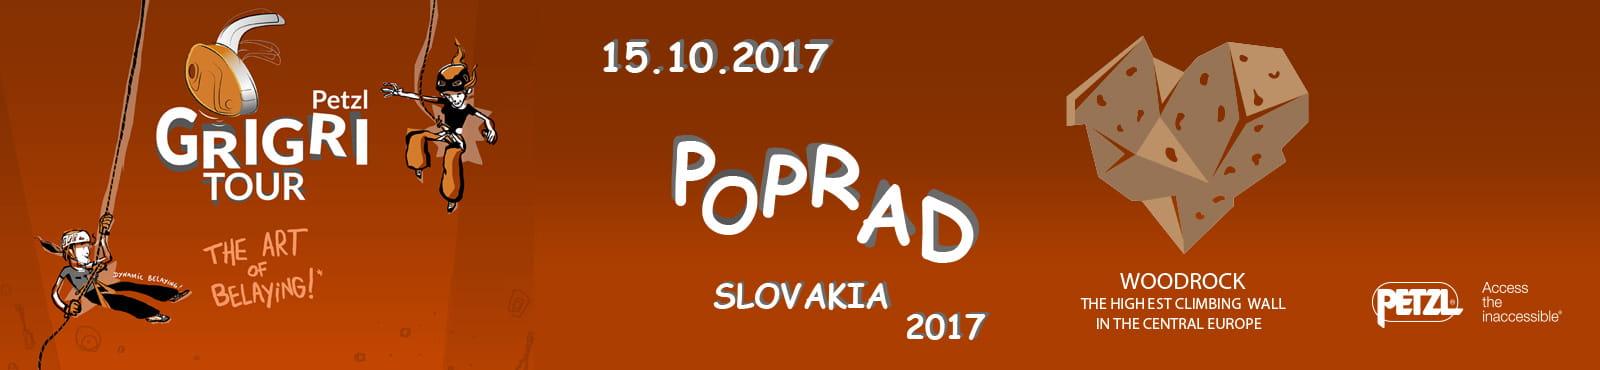 Grigri Tour Poprad 2017